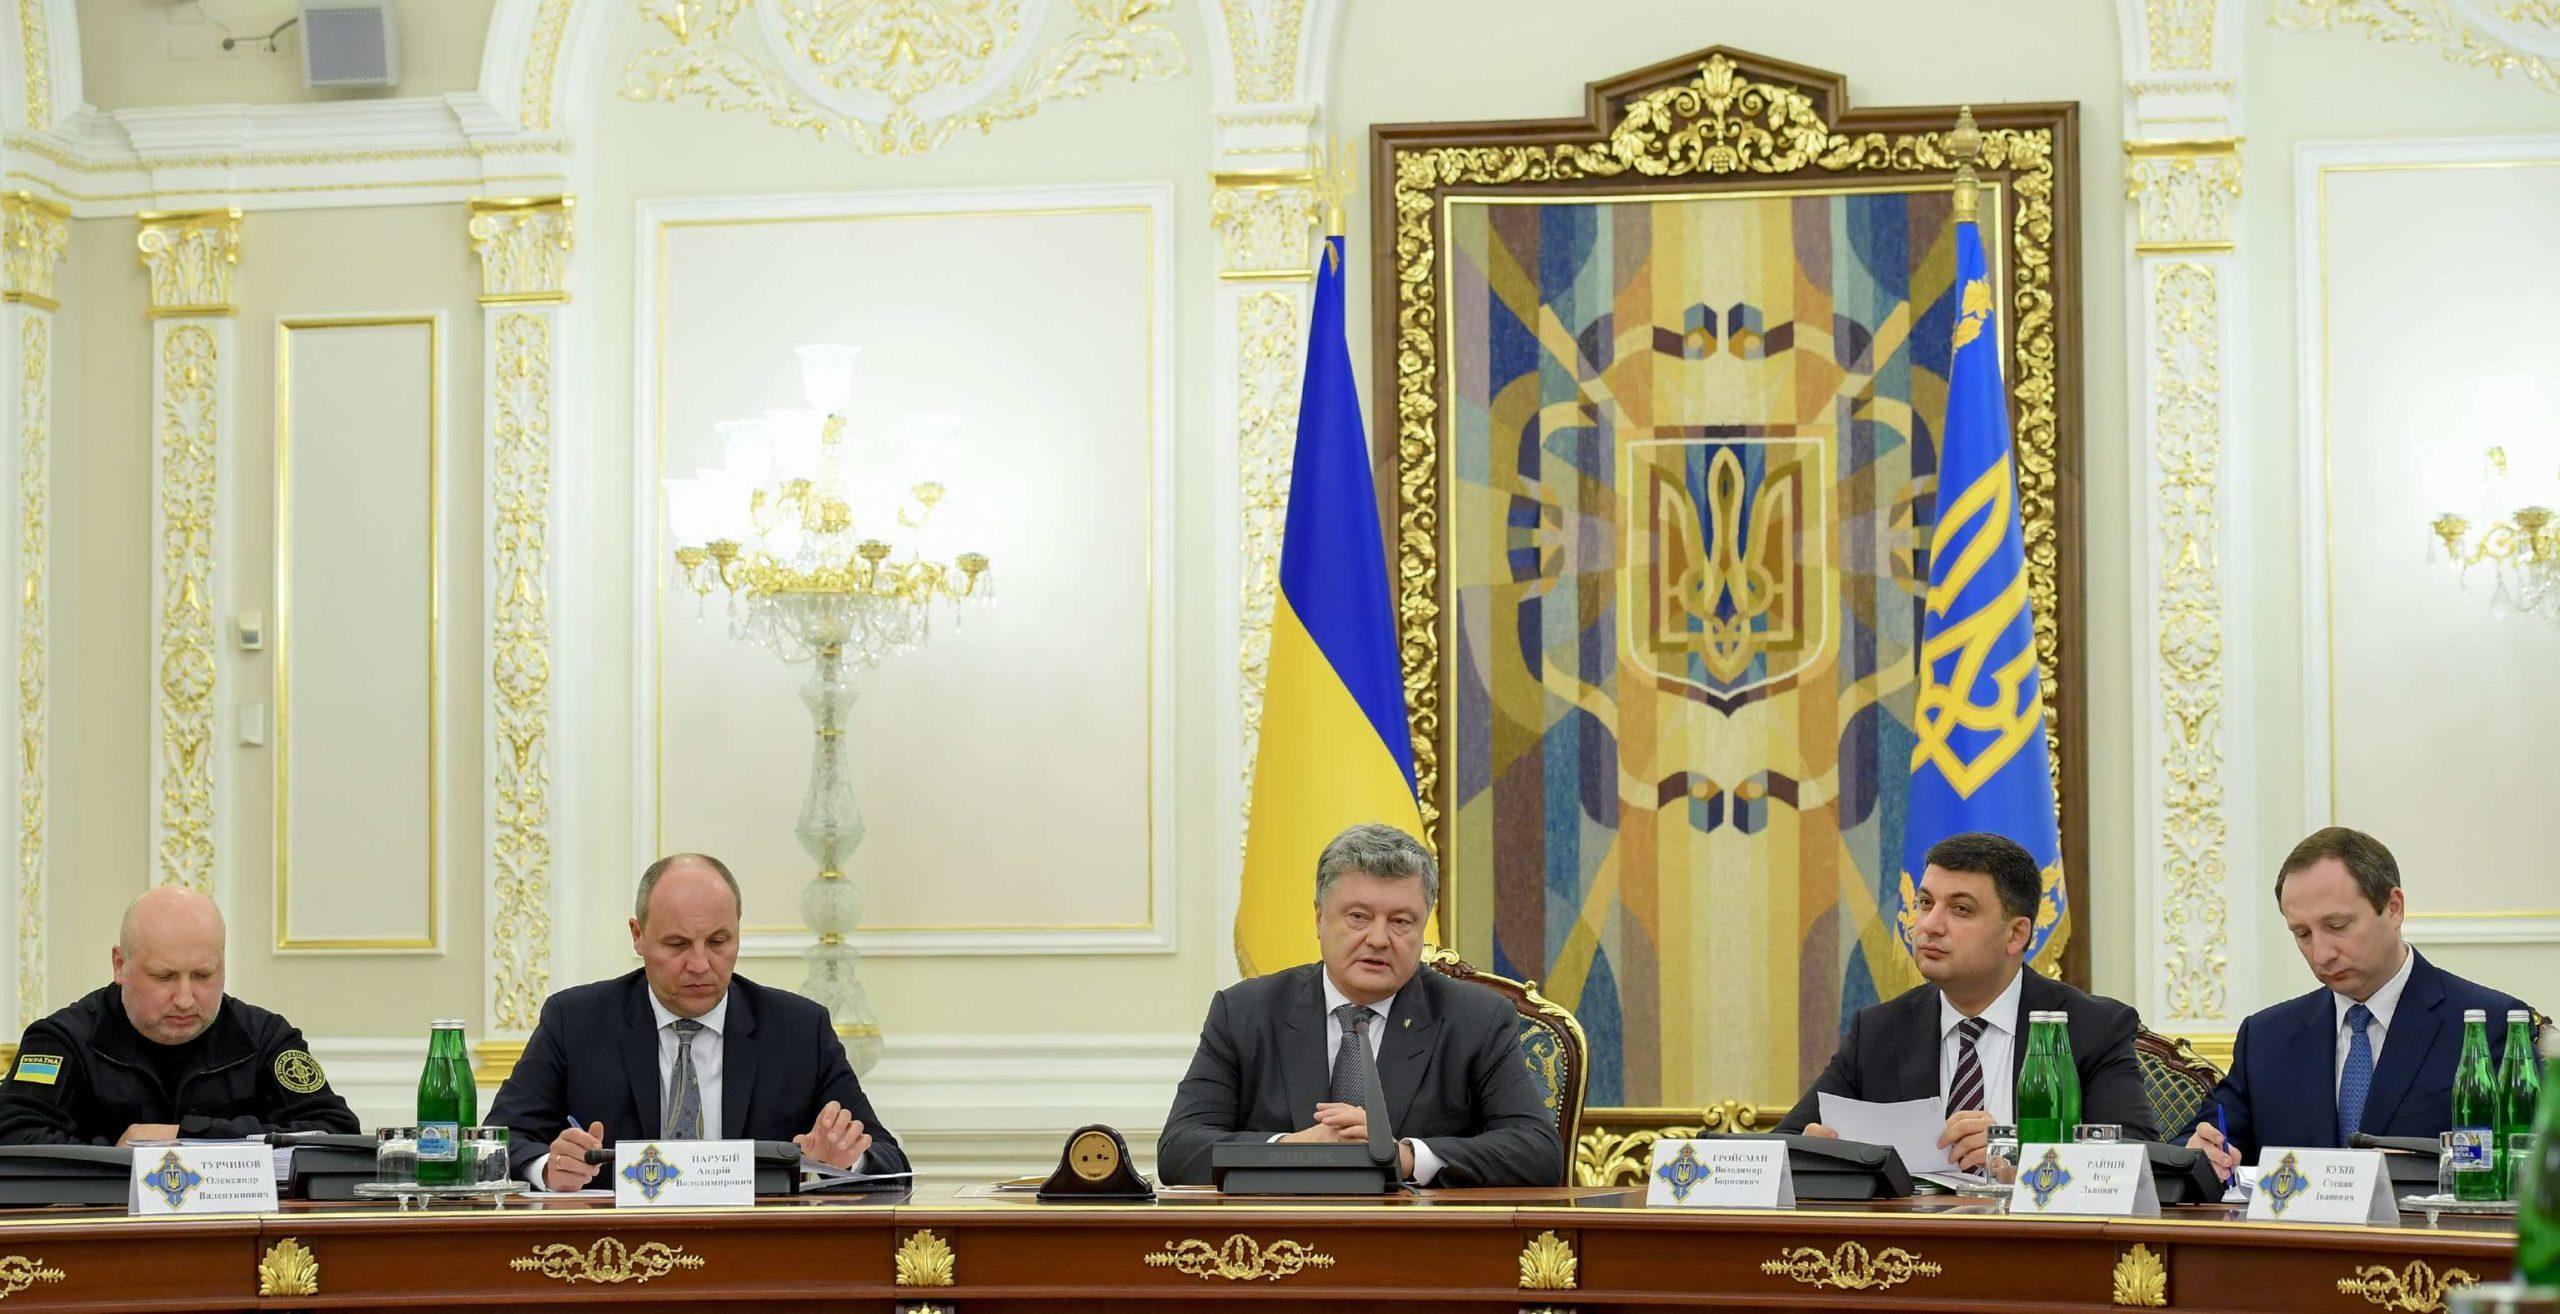 новости украины,социальные сети